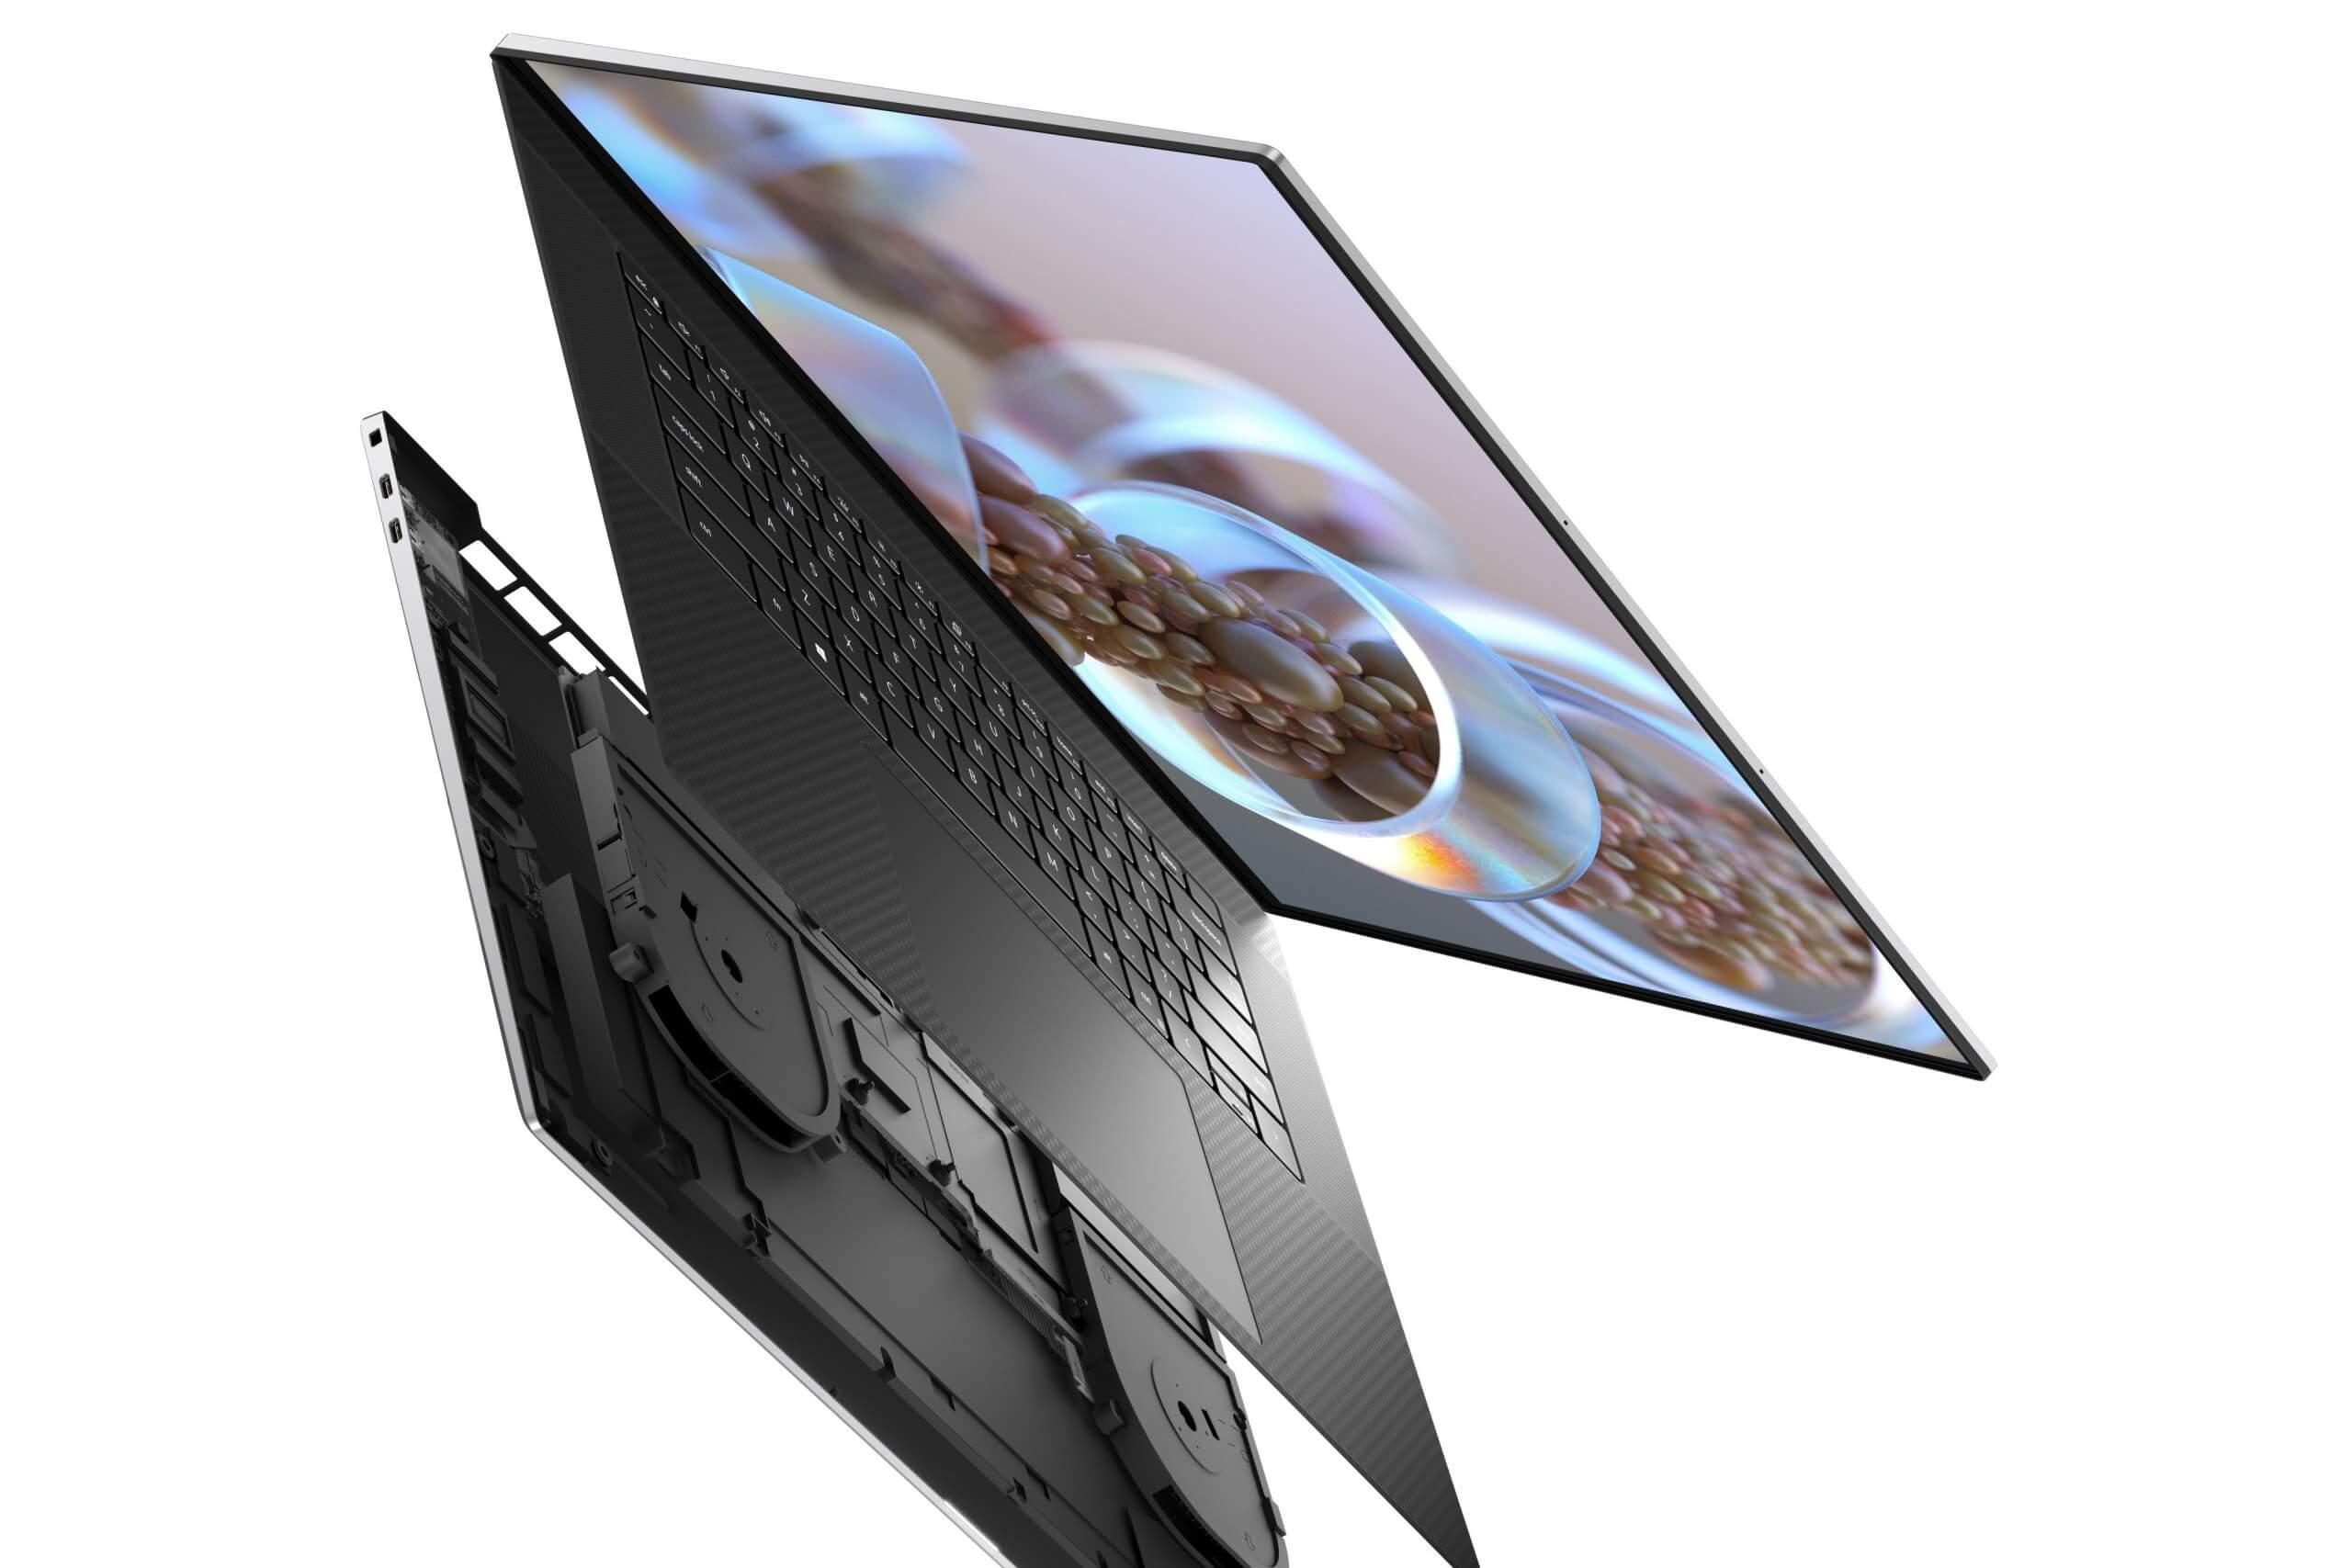 Dell XPS 17: Uma versão mais poderosa do XPS 15